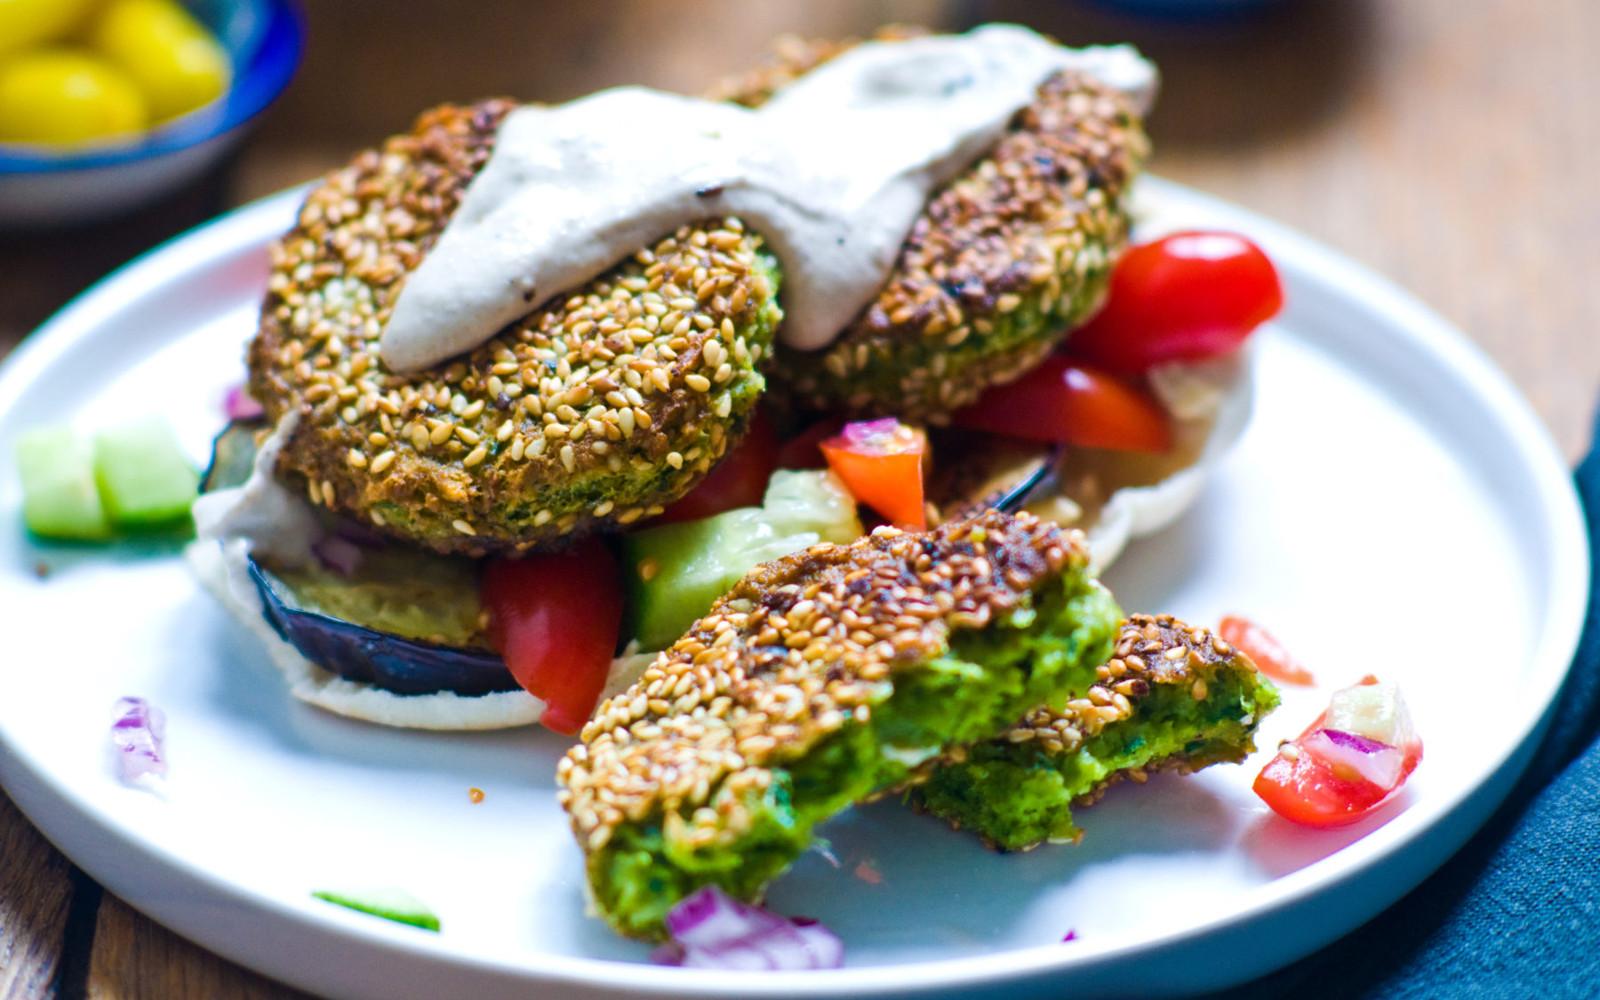 Sesame Encrusted Falafel